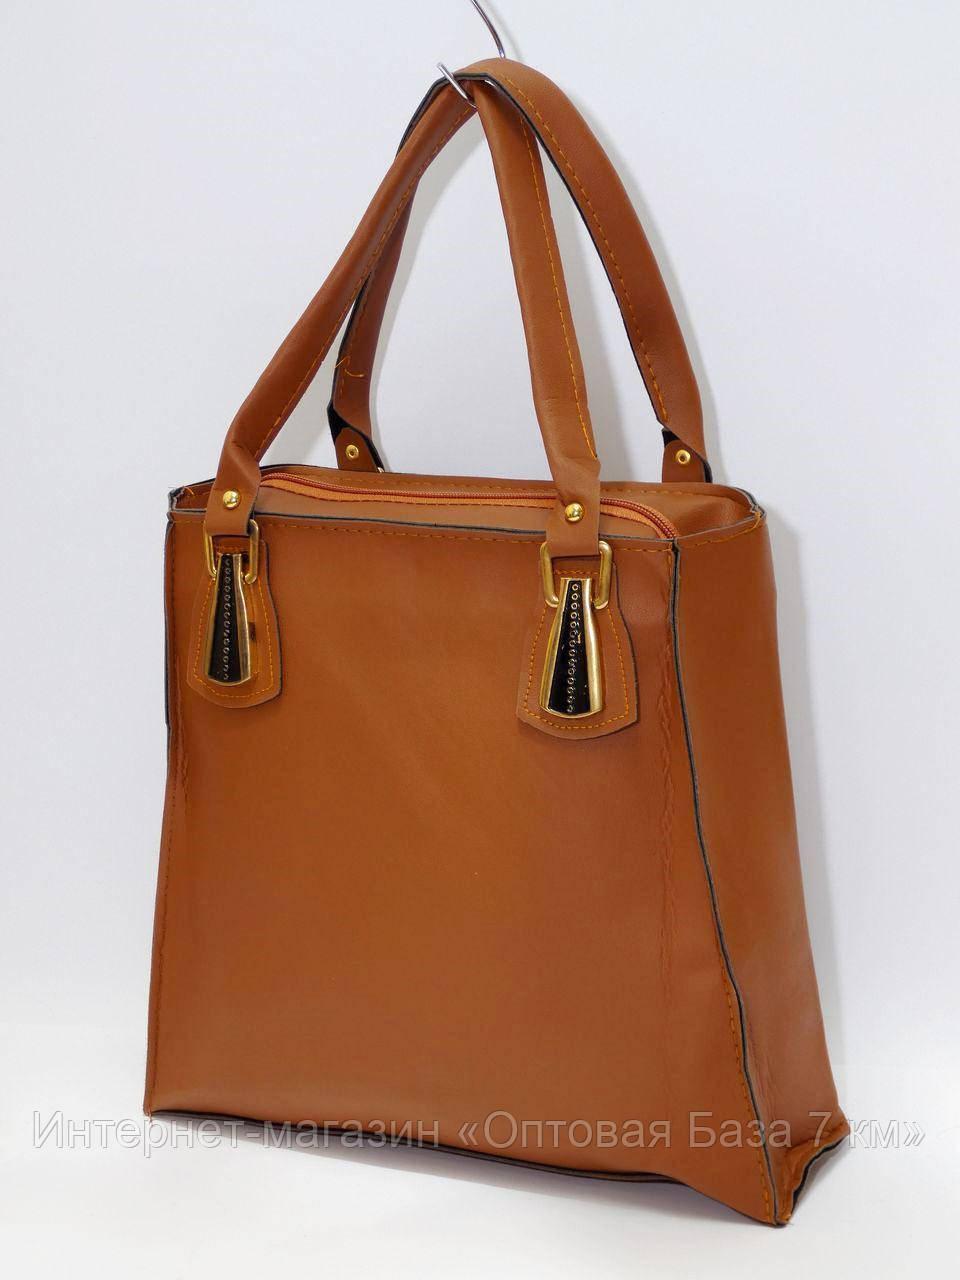 d2ace739fdc4 Женская сумка (33х30х10), Турция оптом. Купить женские сумочки и ...